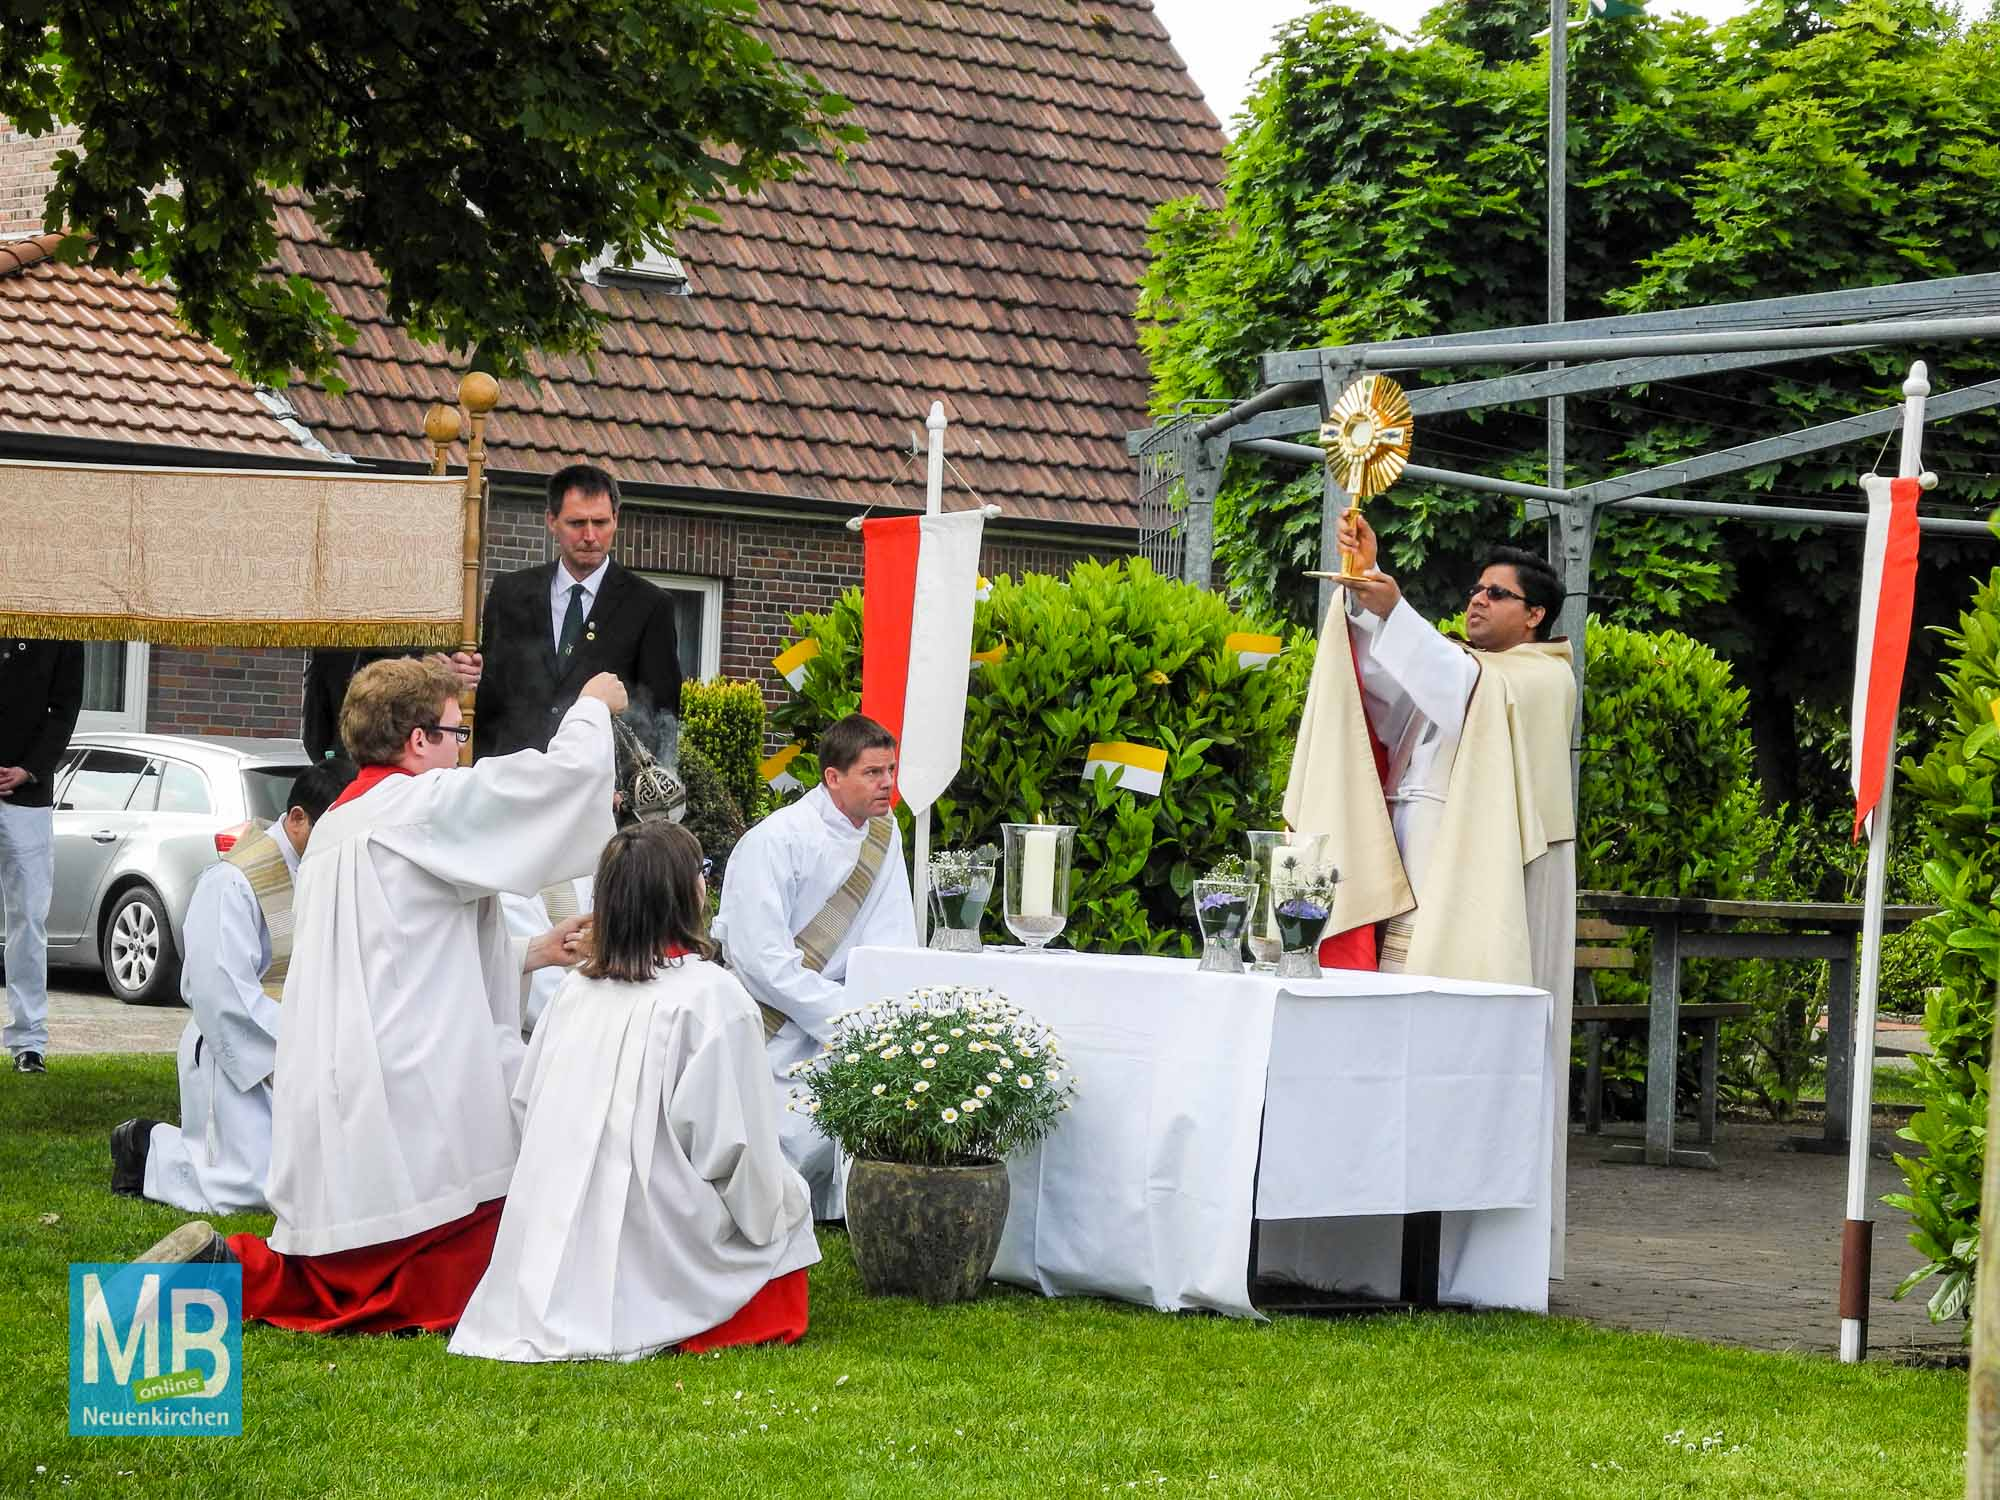 Pfarrer Cherayath erteilt mit der Monstranz den Segen.